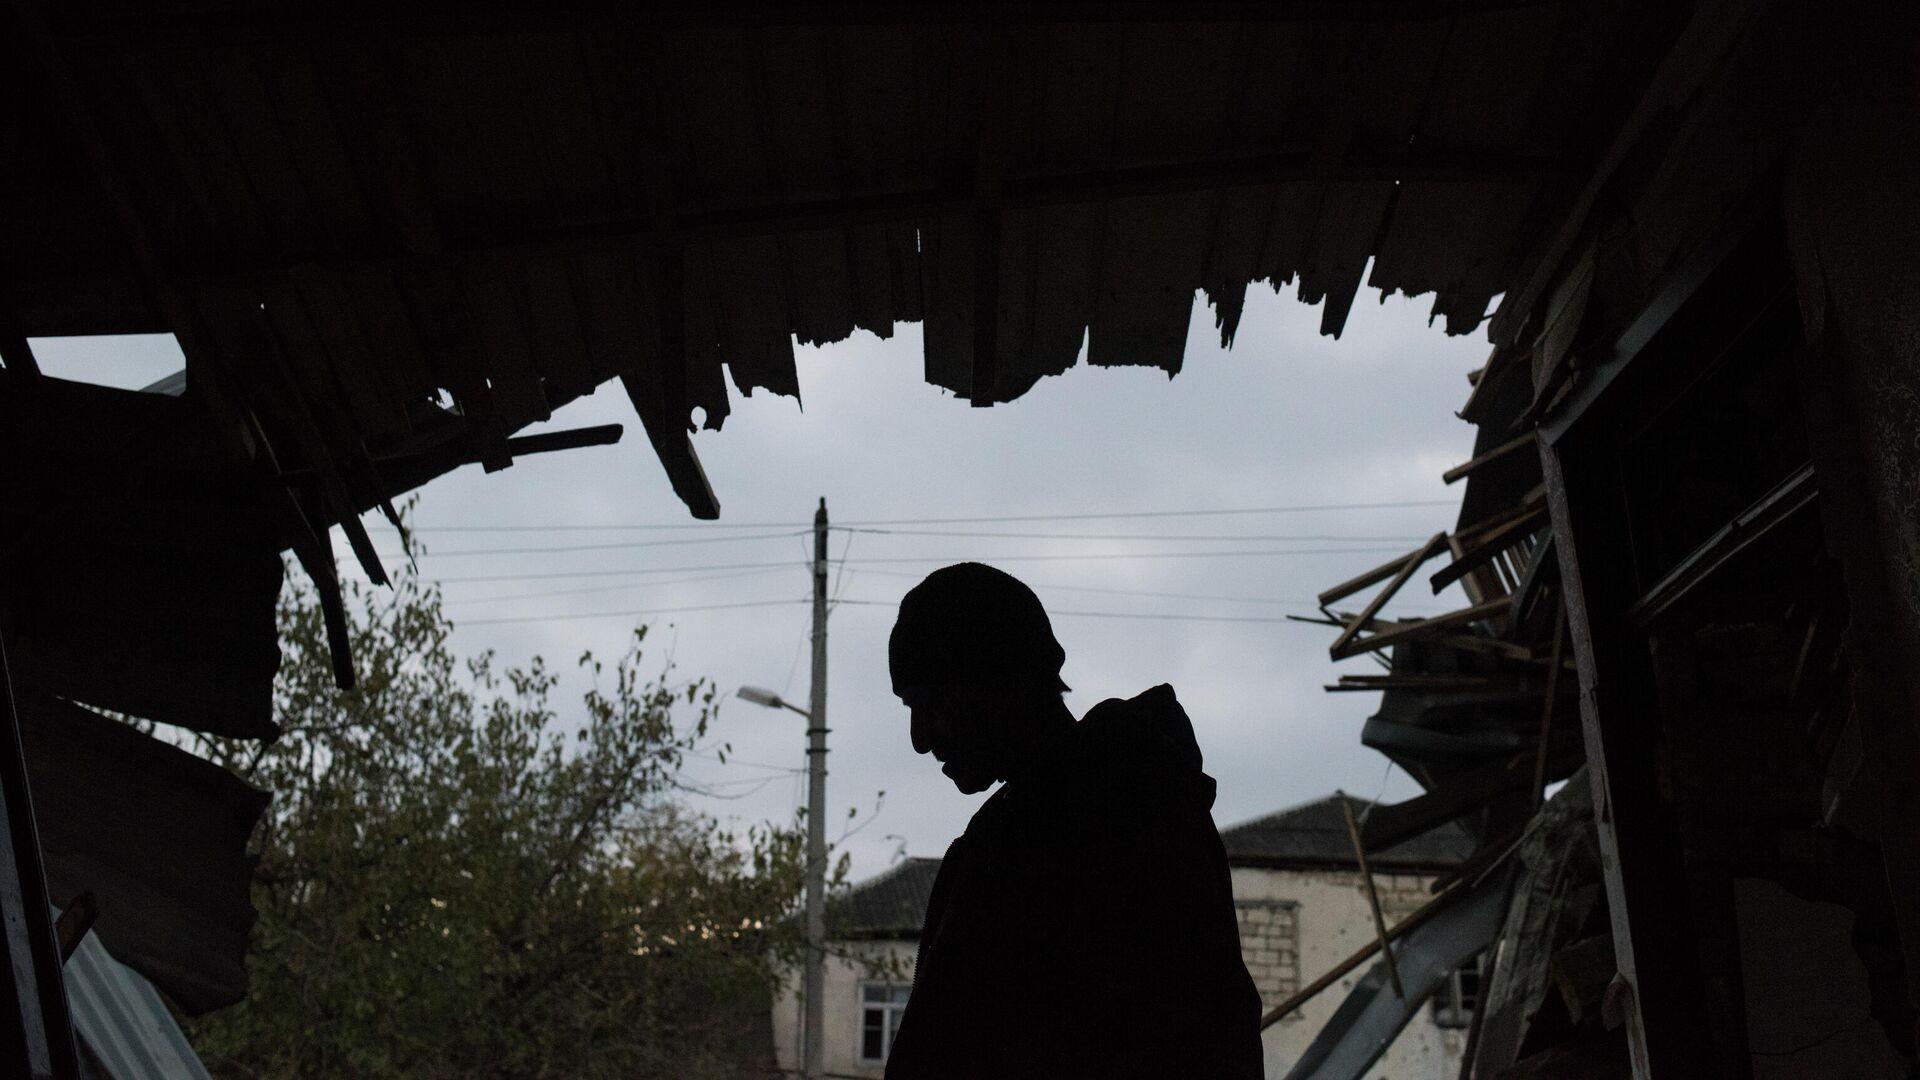 Житель Мартуни, вернувшийся в свой дом после объявления перемирия - РИА Новости, 1920, 02.12.2020